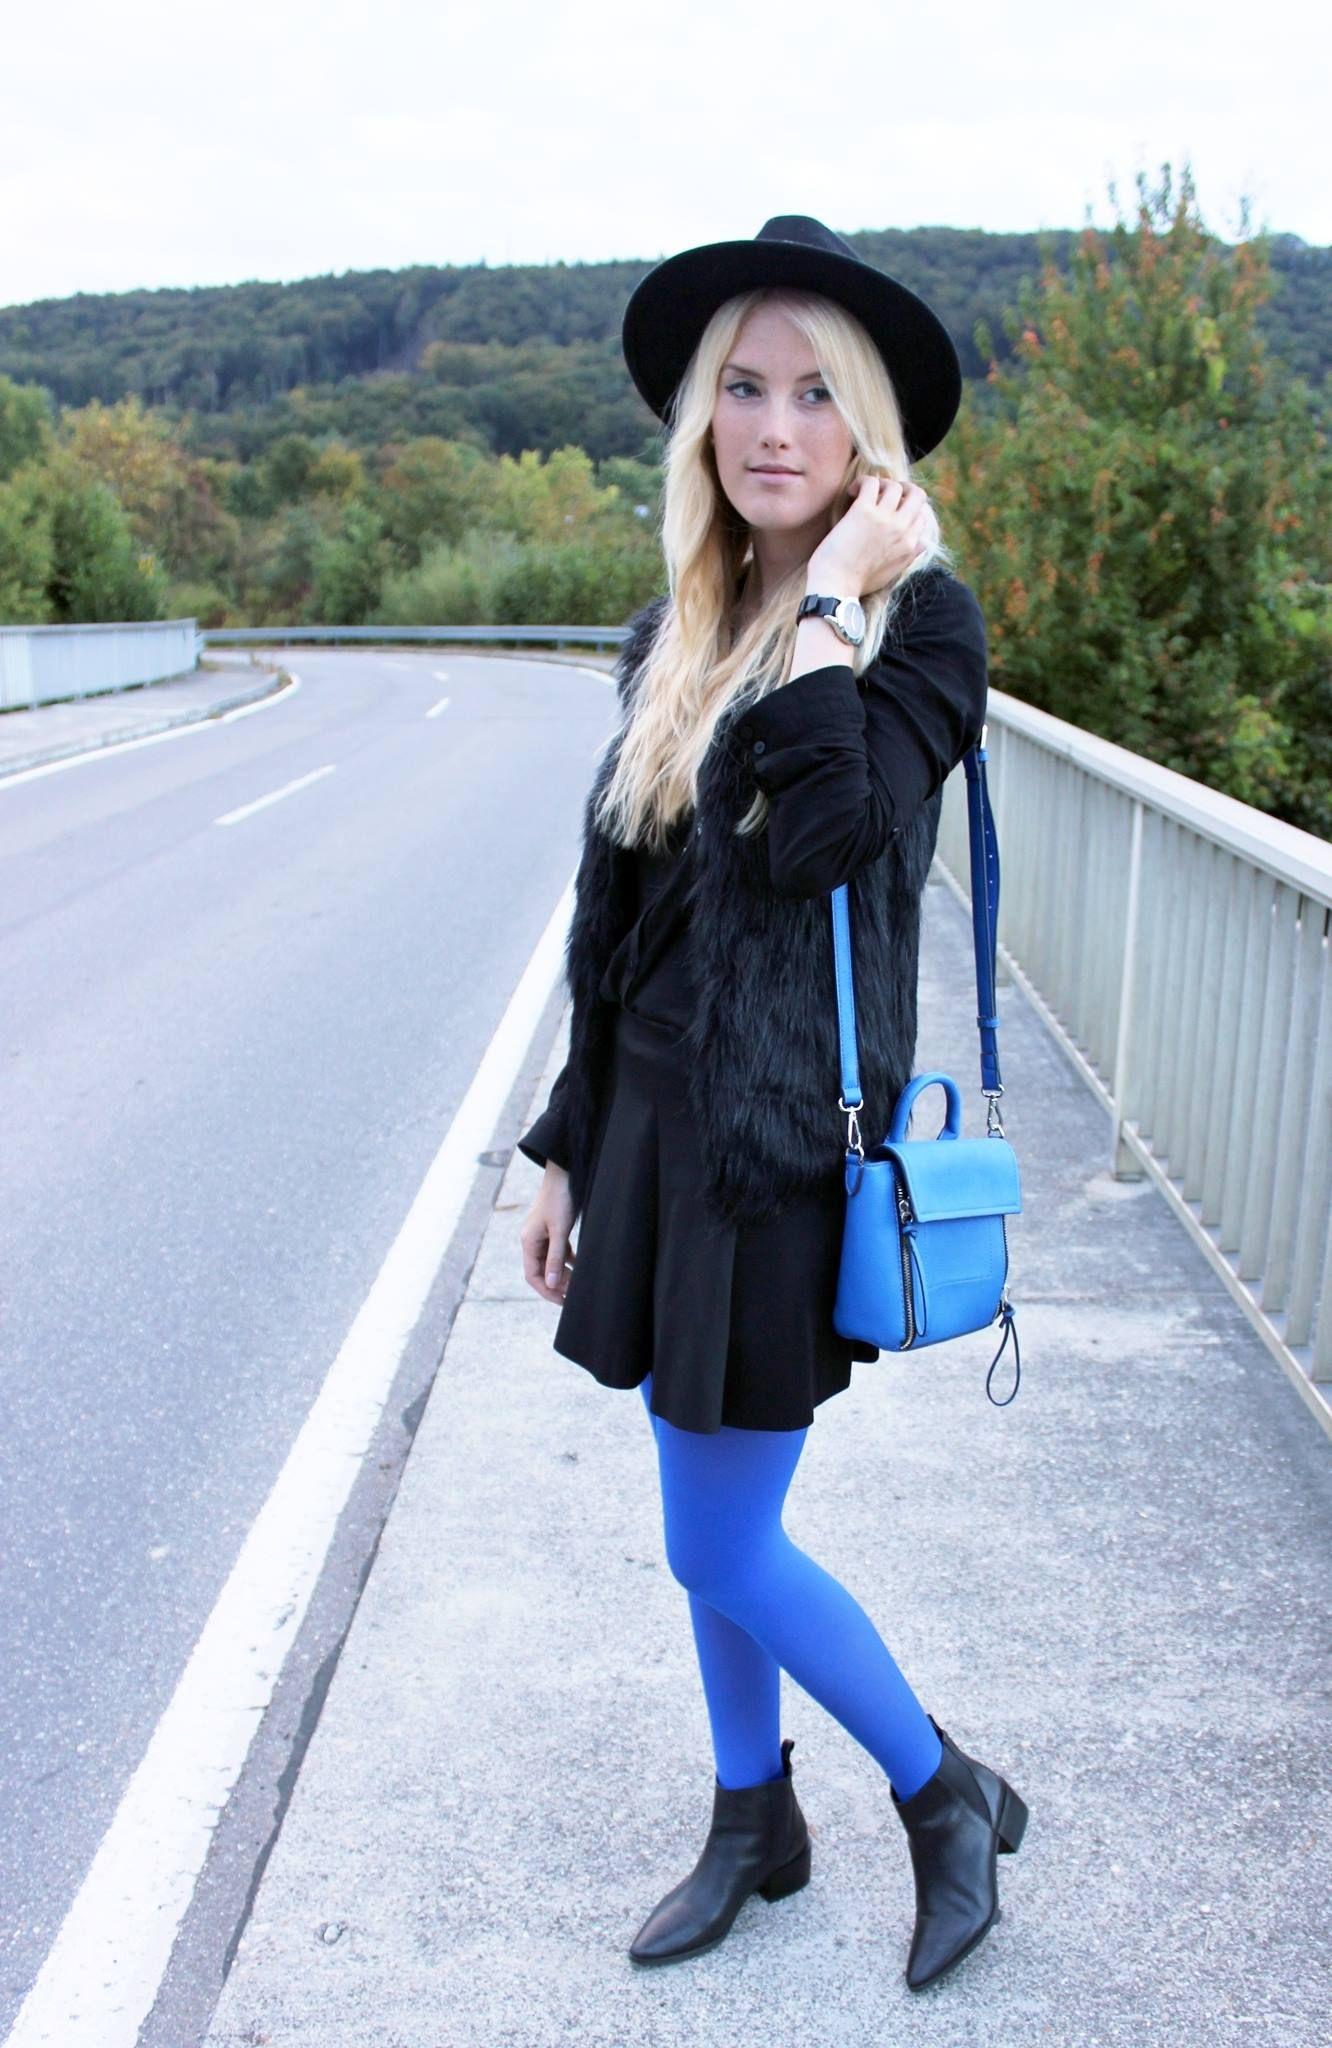 Jetzt für Joana mit blue ELECTRIC voten & 500 Euro Shopping-Geld gewinnen! Hier geht´s zum BELSANA Fashion-Contest 2014: https://www.facebook.com/belsana.bamberg